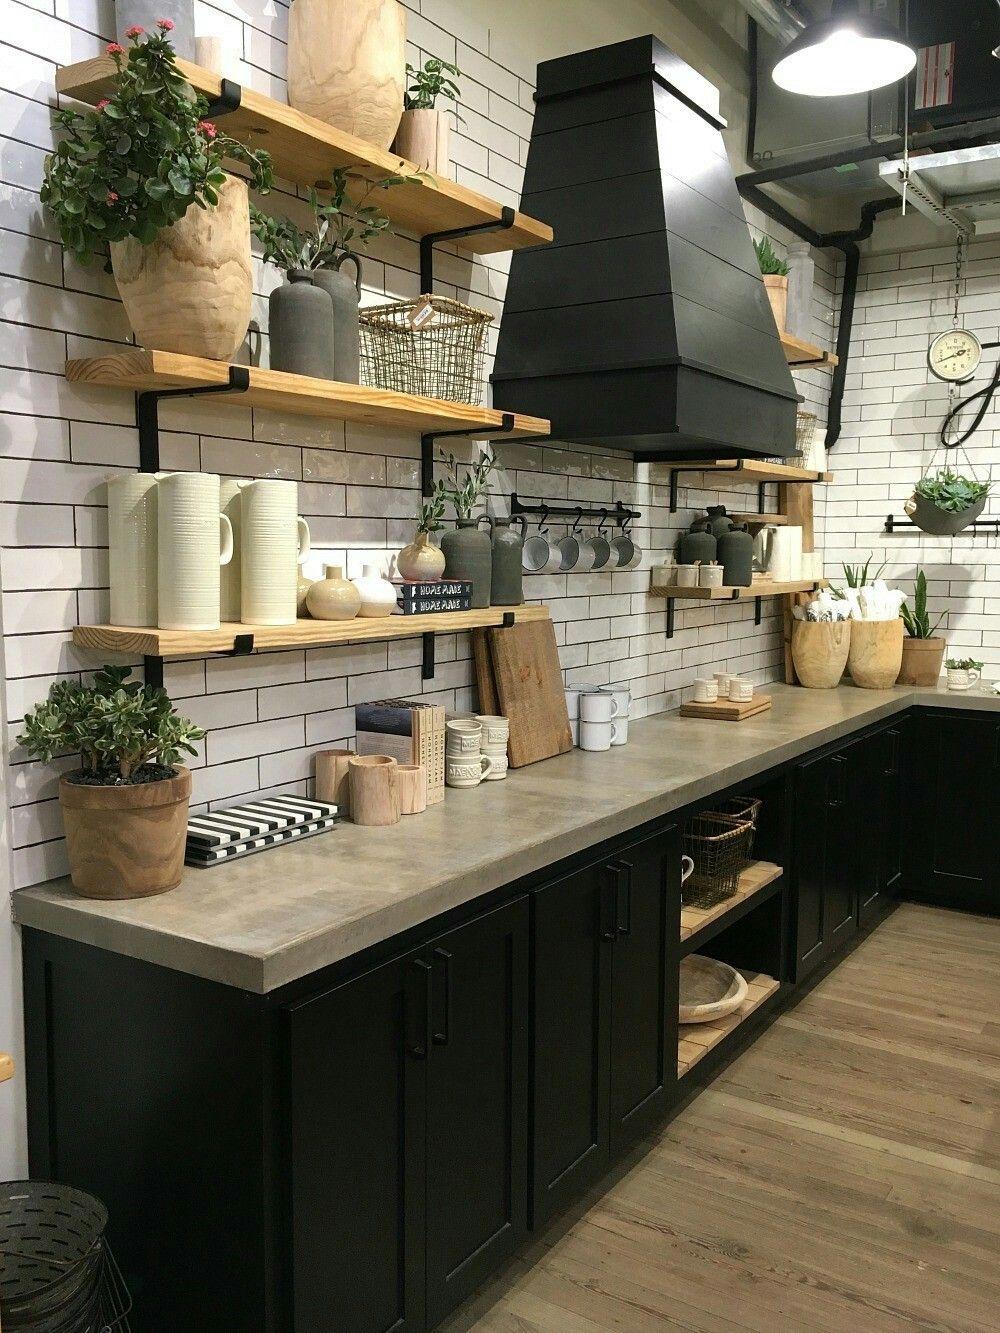 Ziemlich Küchenschrank Layoutbilder Bilder - Ideen Für Die Küche ...